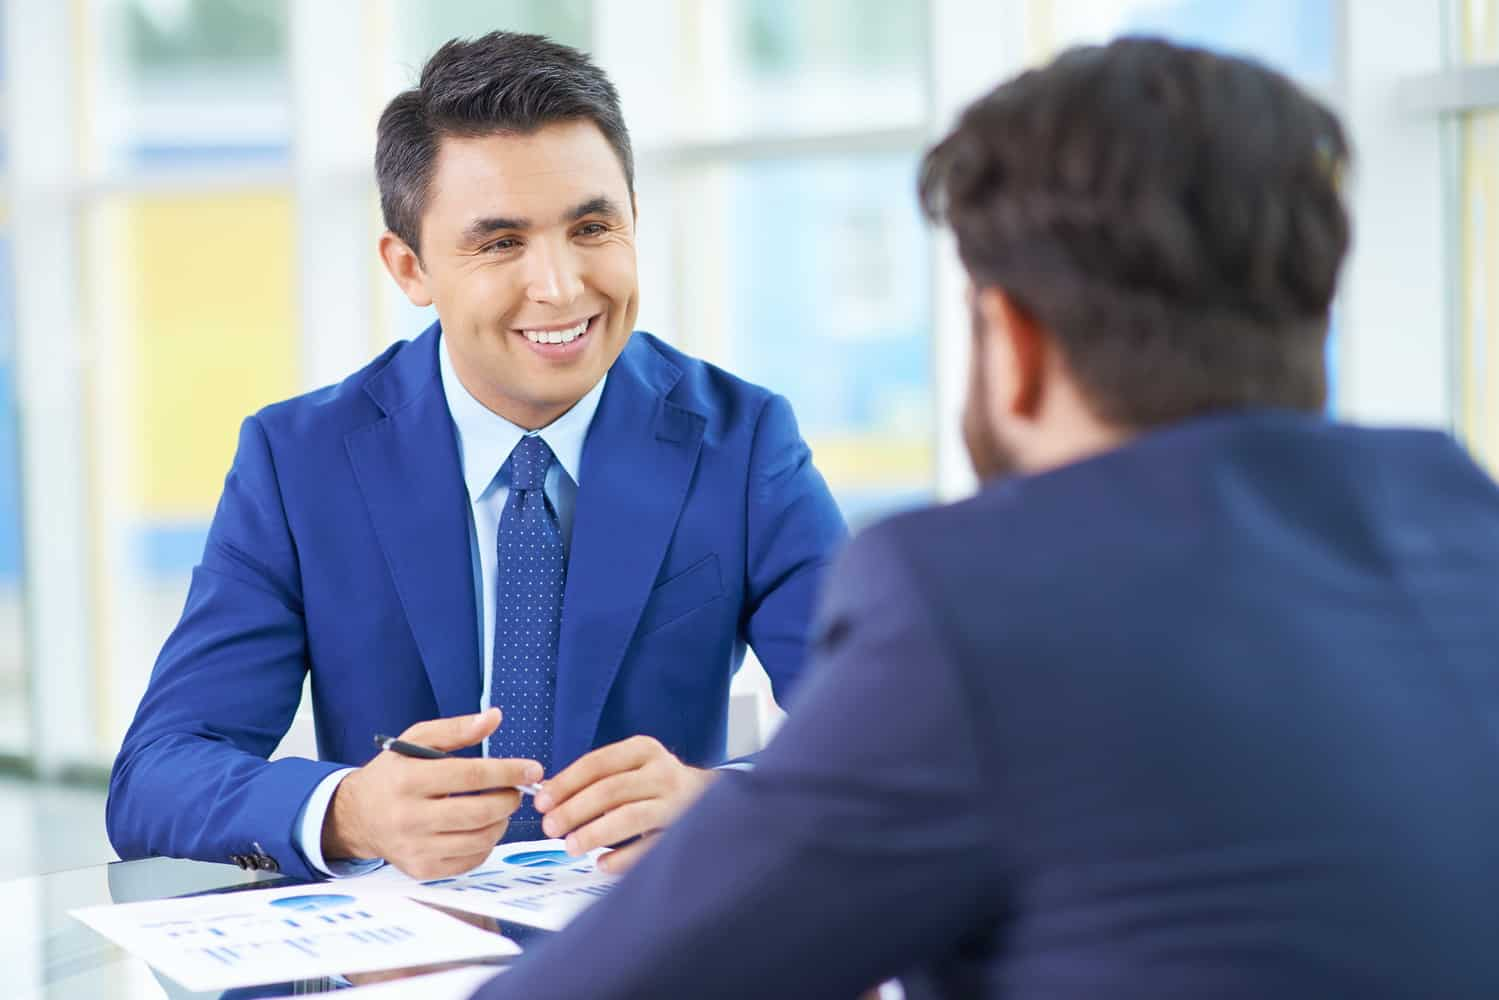 Ha szívesen segédkeznél új vállalkozások indulásában, akkor válaszd a Vállalkozási mérlegképes könyvelő OKJ-s tanfolyamot!